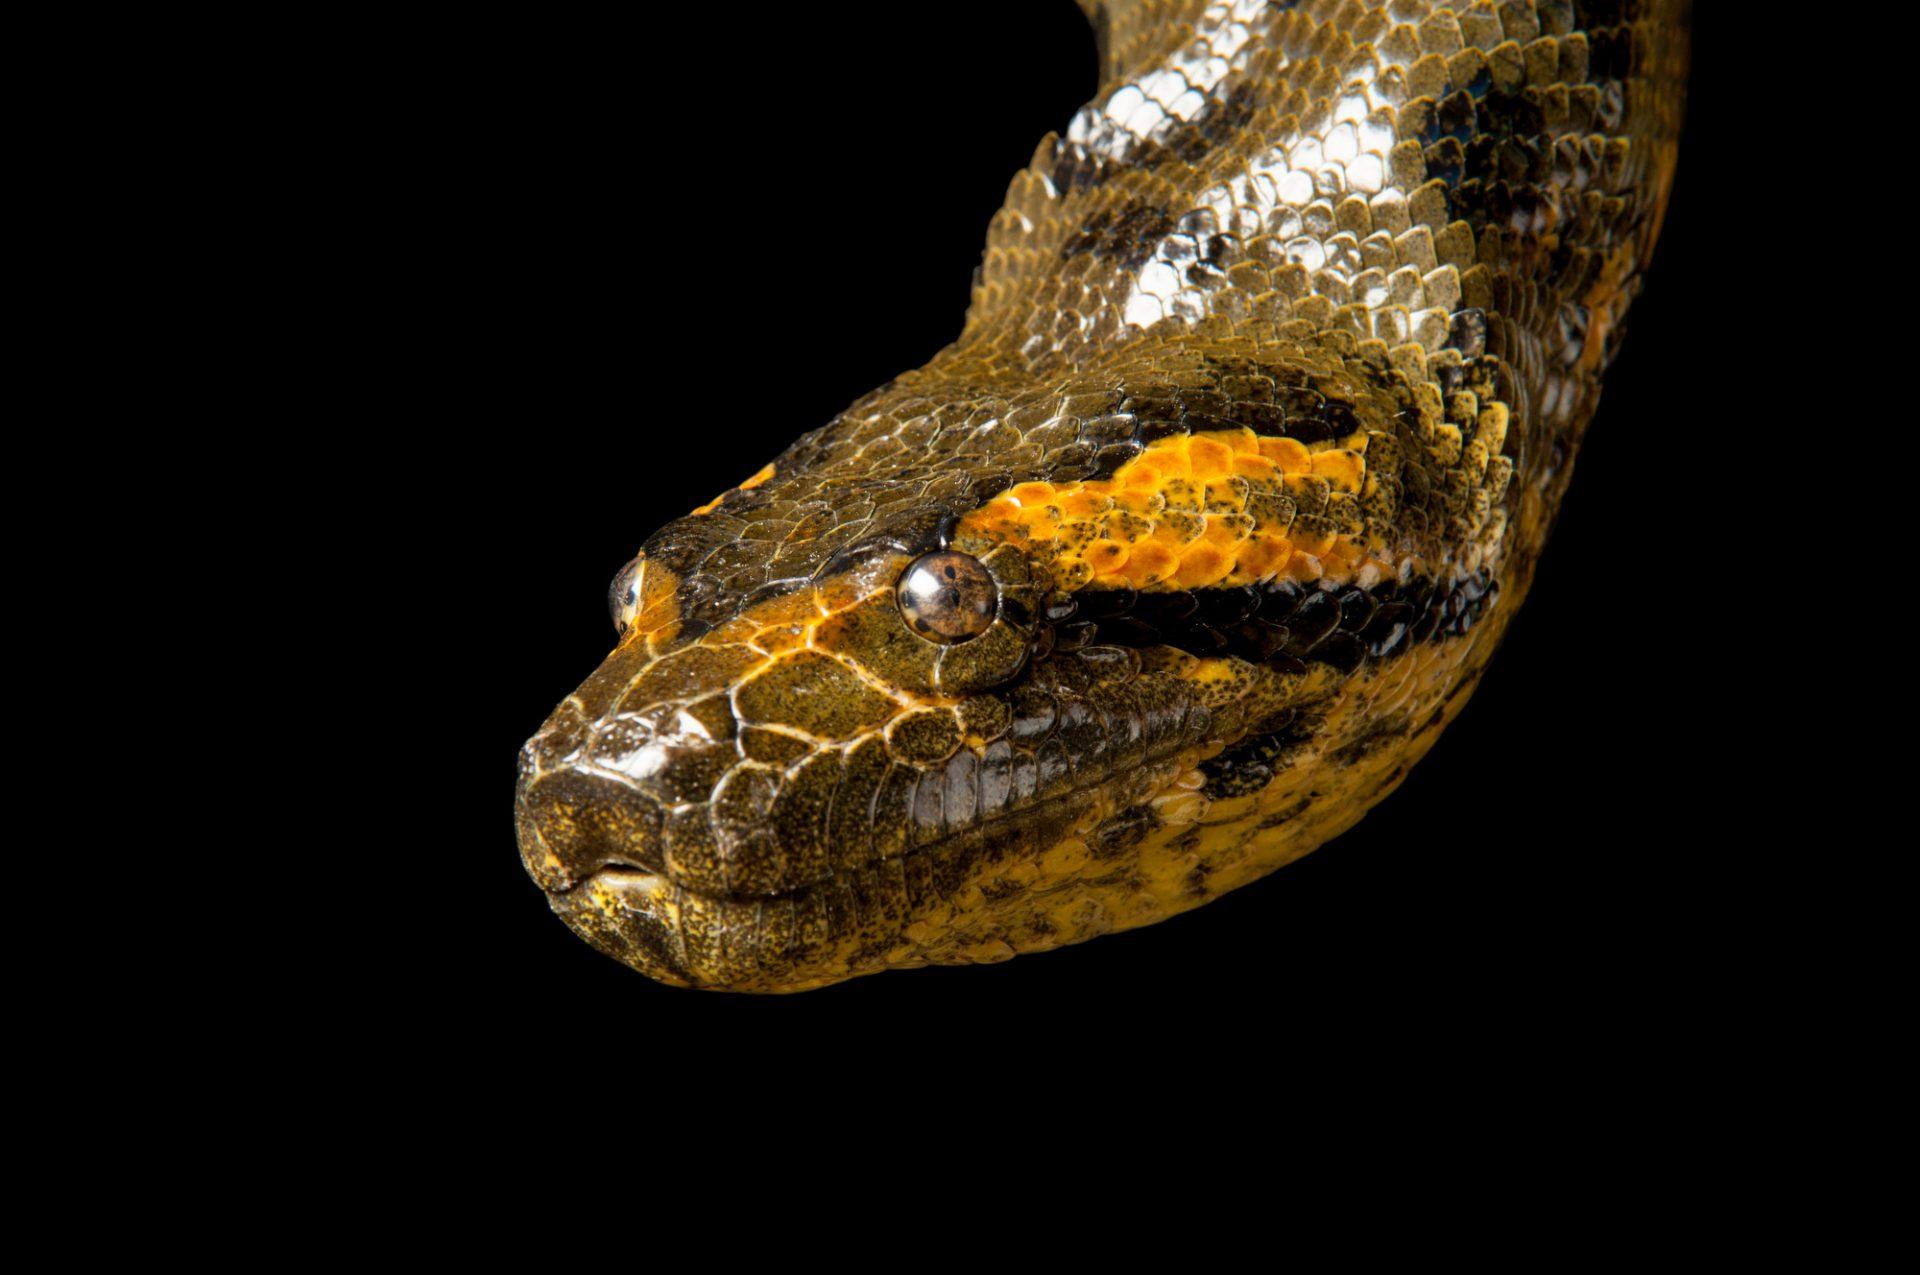 Photo: A green anaconda (Eunectes murinus) at Reptile Gardens.